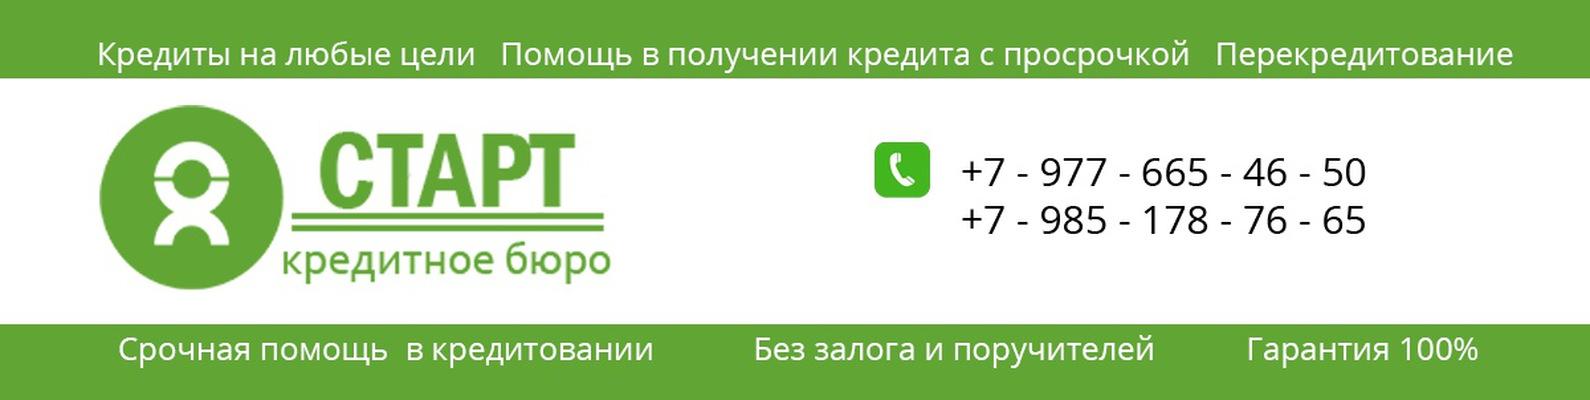 как позвонить в бюро кредитных историй бесплатно